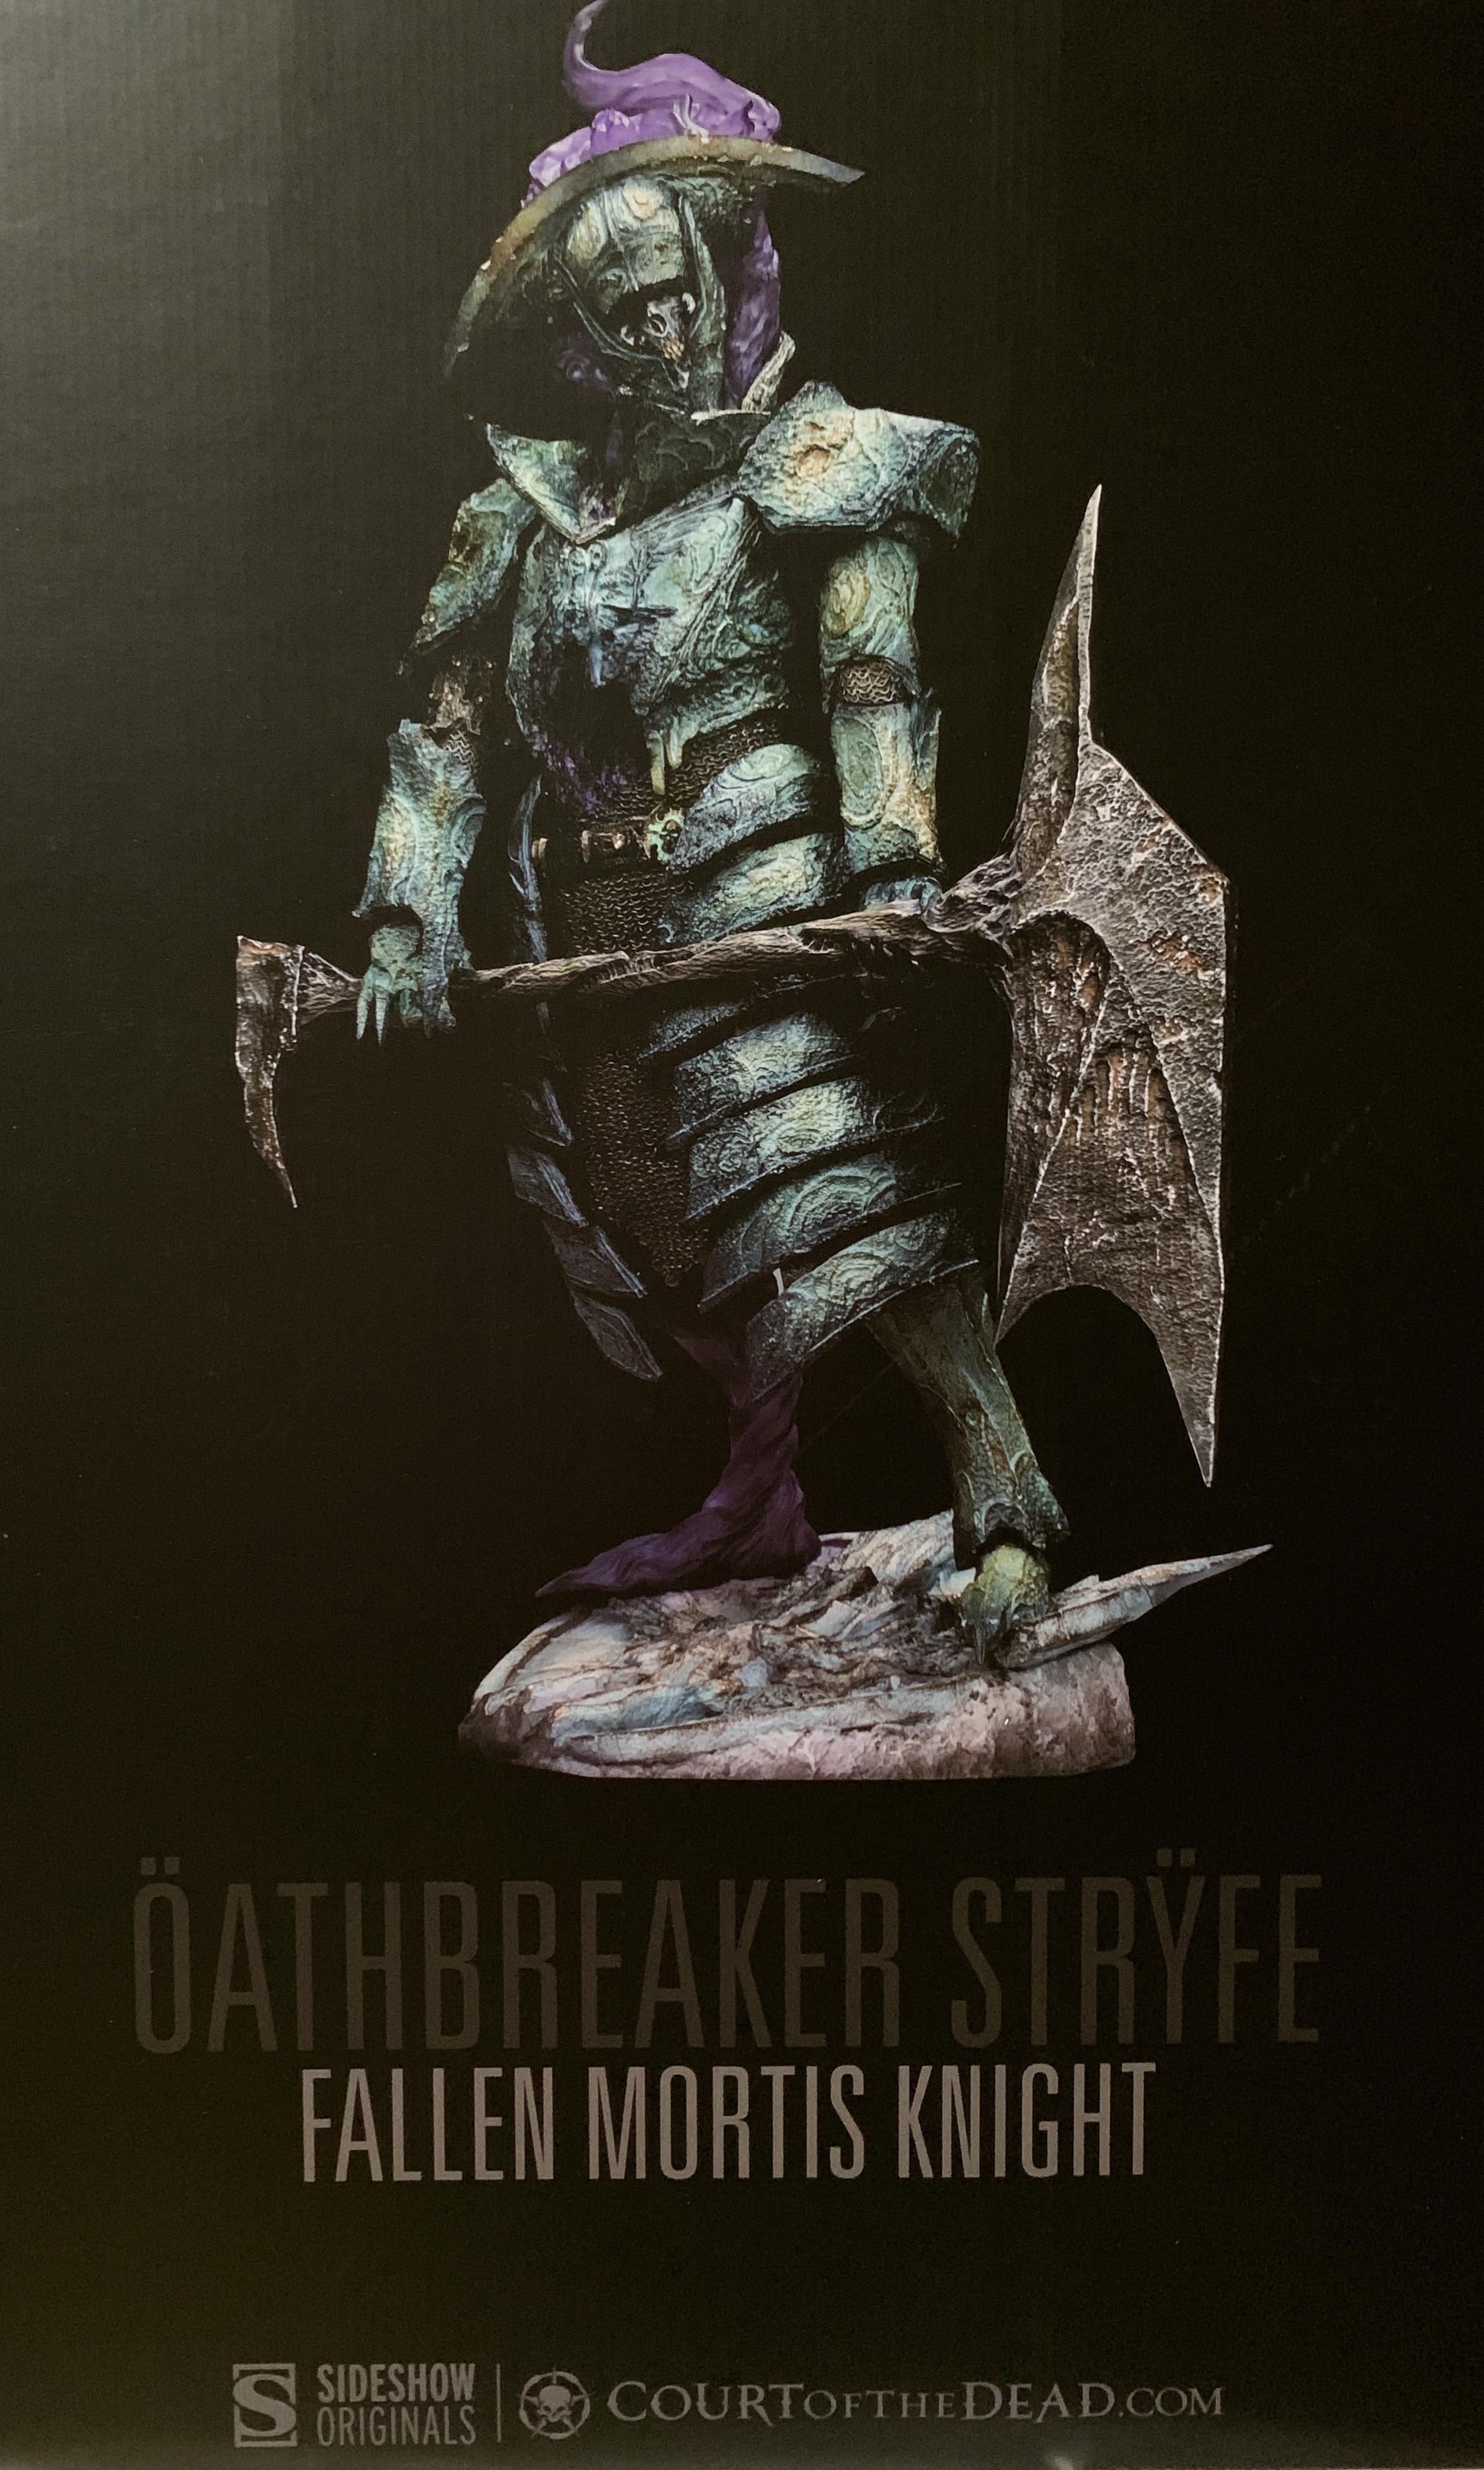 Oathbreaker Strÿfe: Fallen Mortis Knight 1/4 Court of the Dead Premium Format Statue 60cm Sideshow